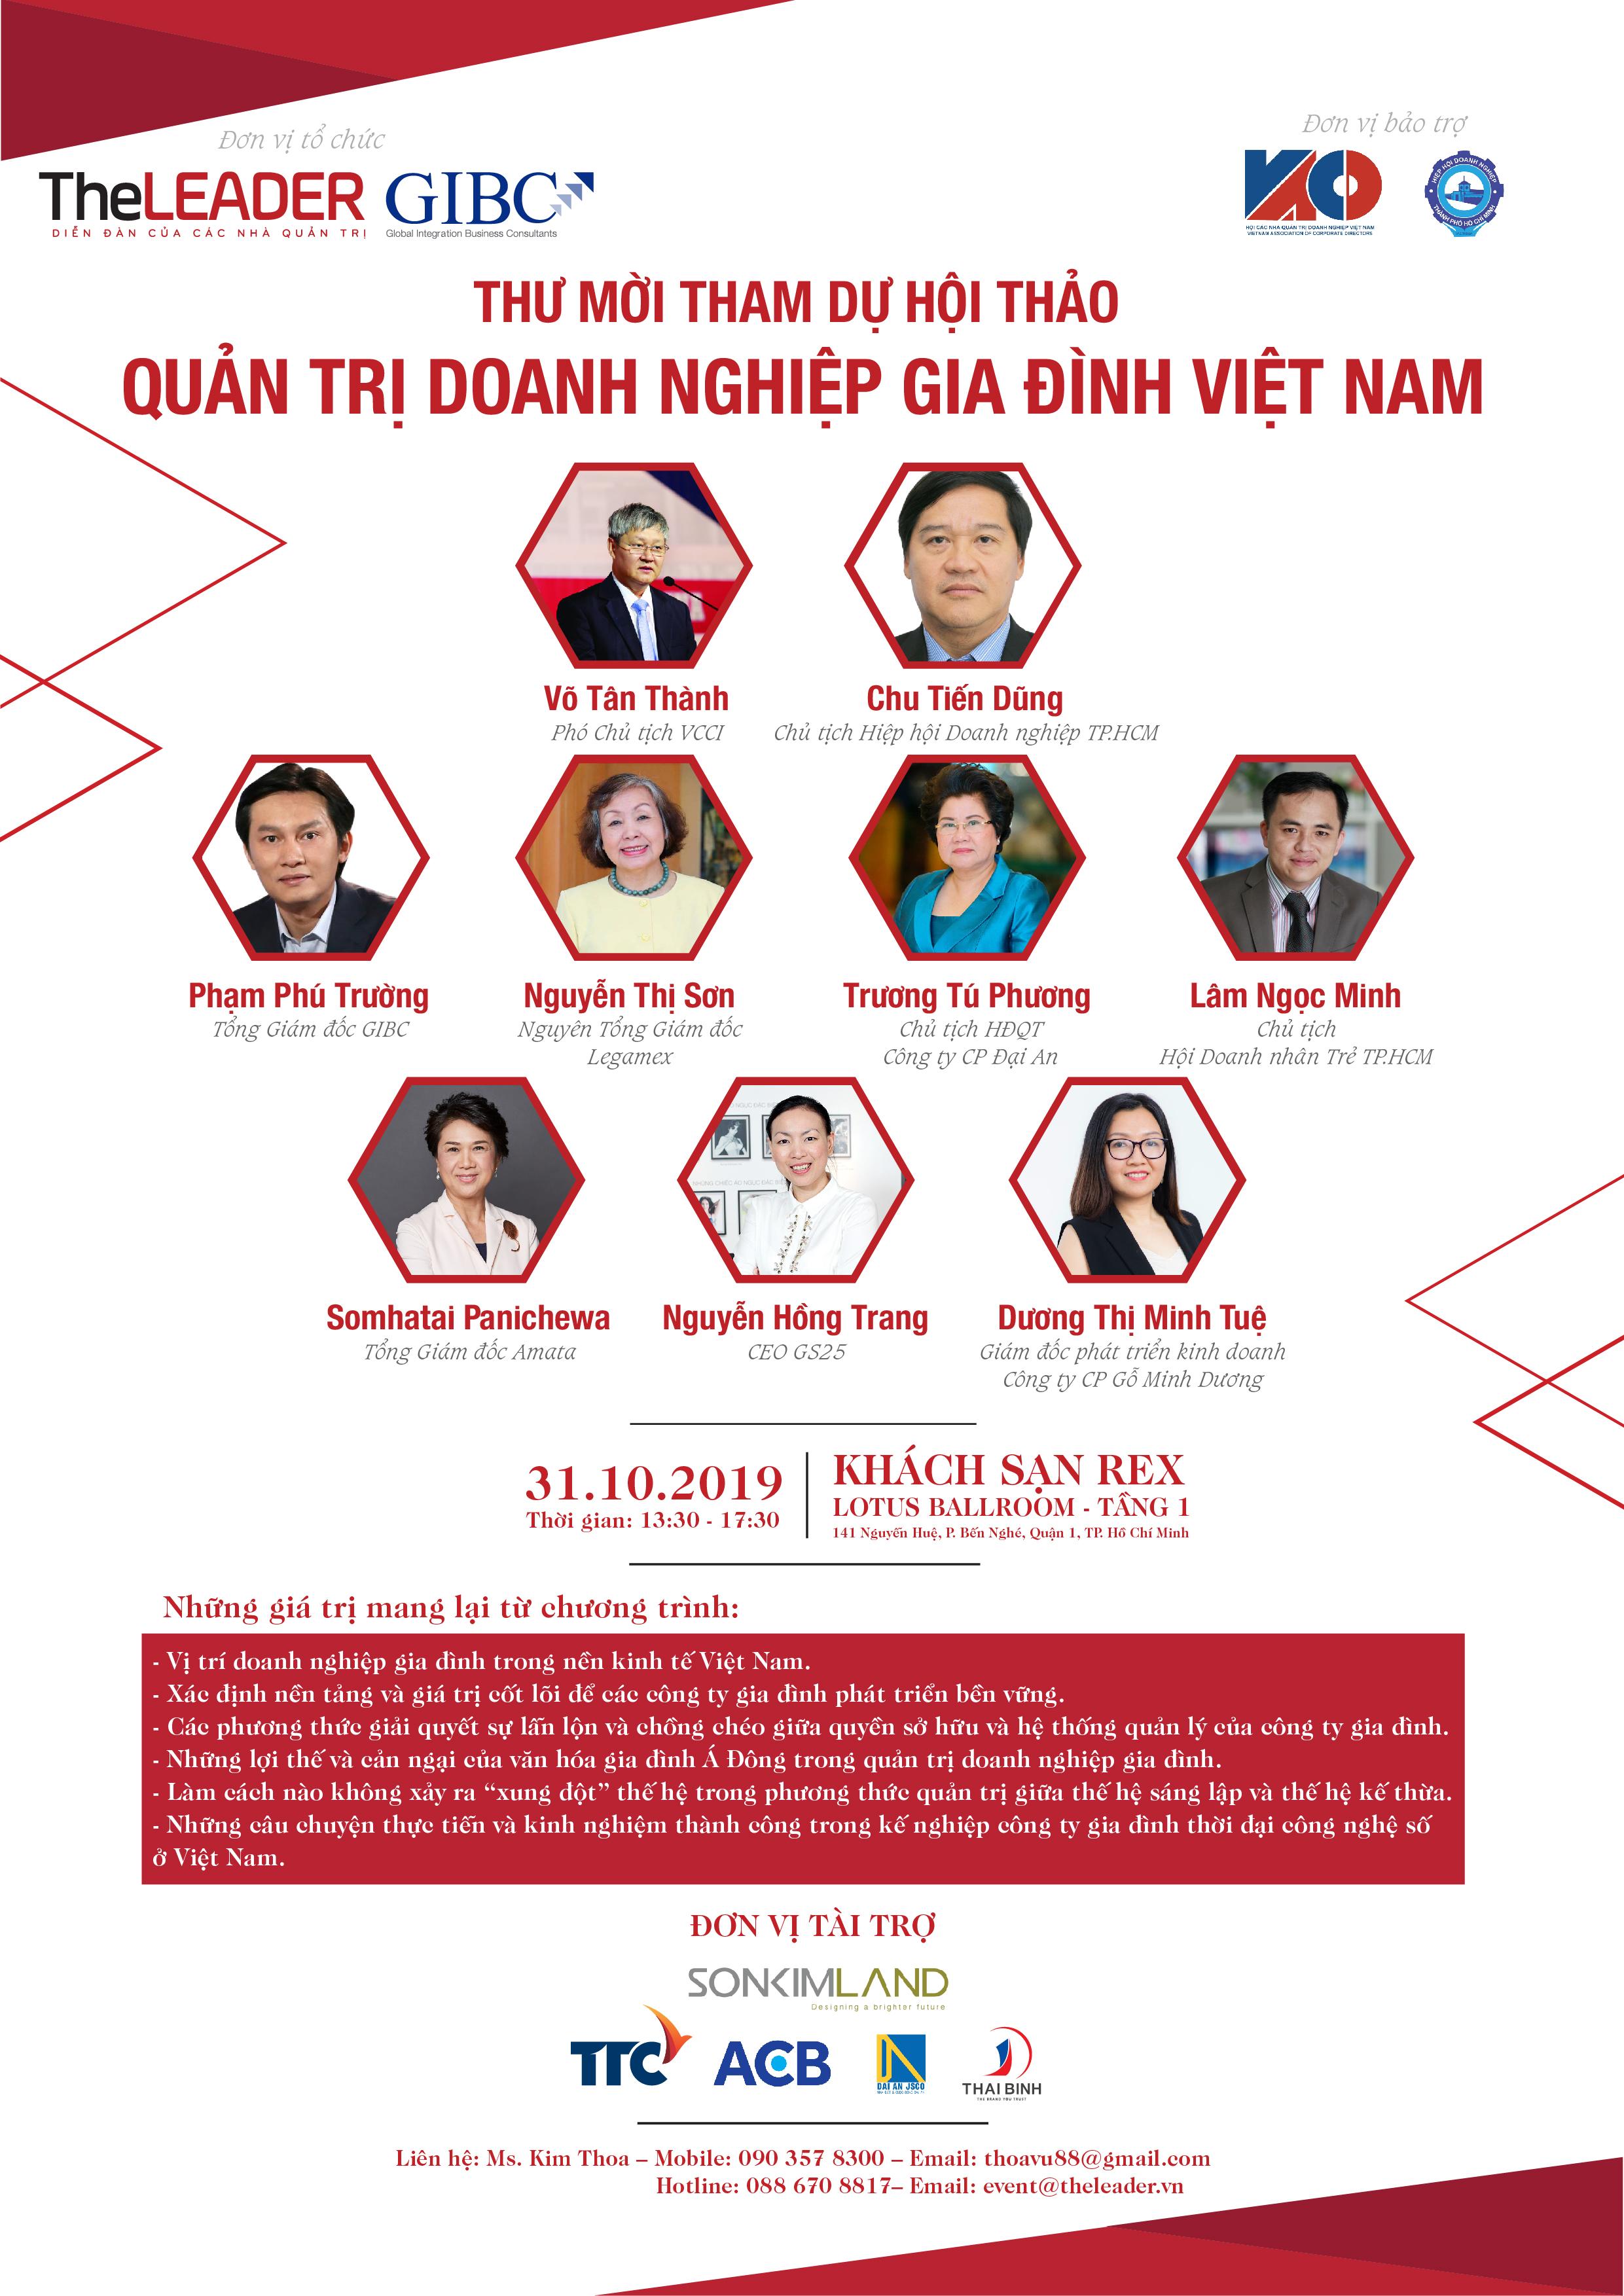 TheLEADER tổ chức hội thảo Quản trị doanh nghiệp gia đình